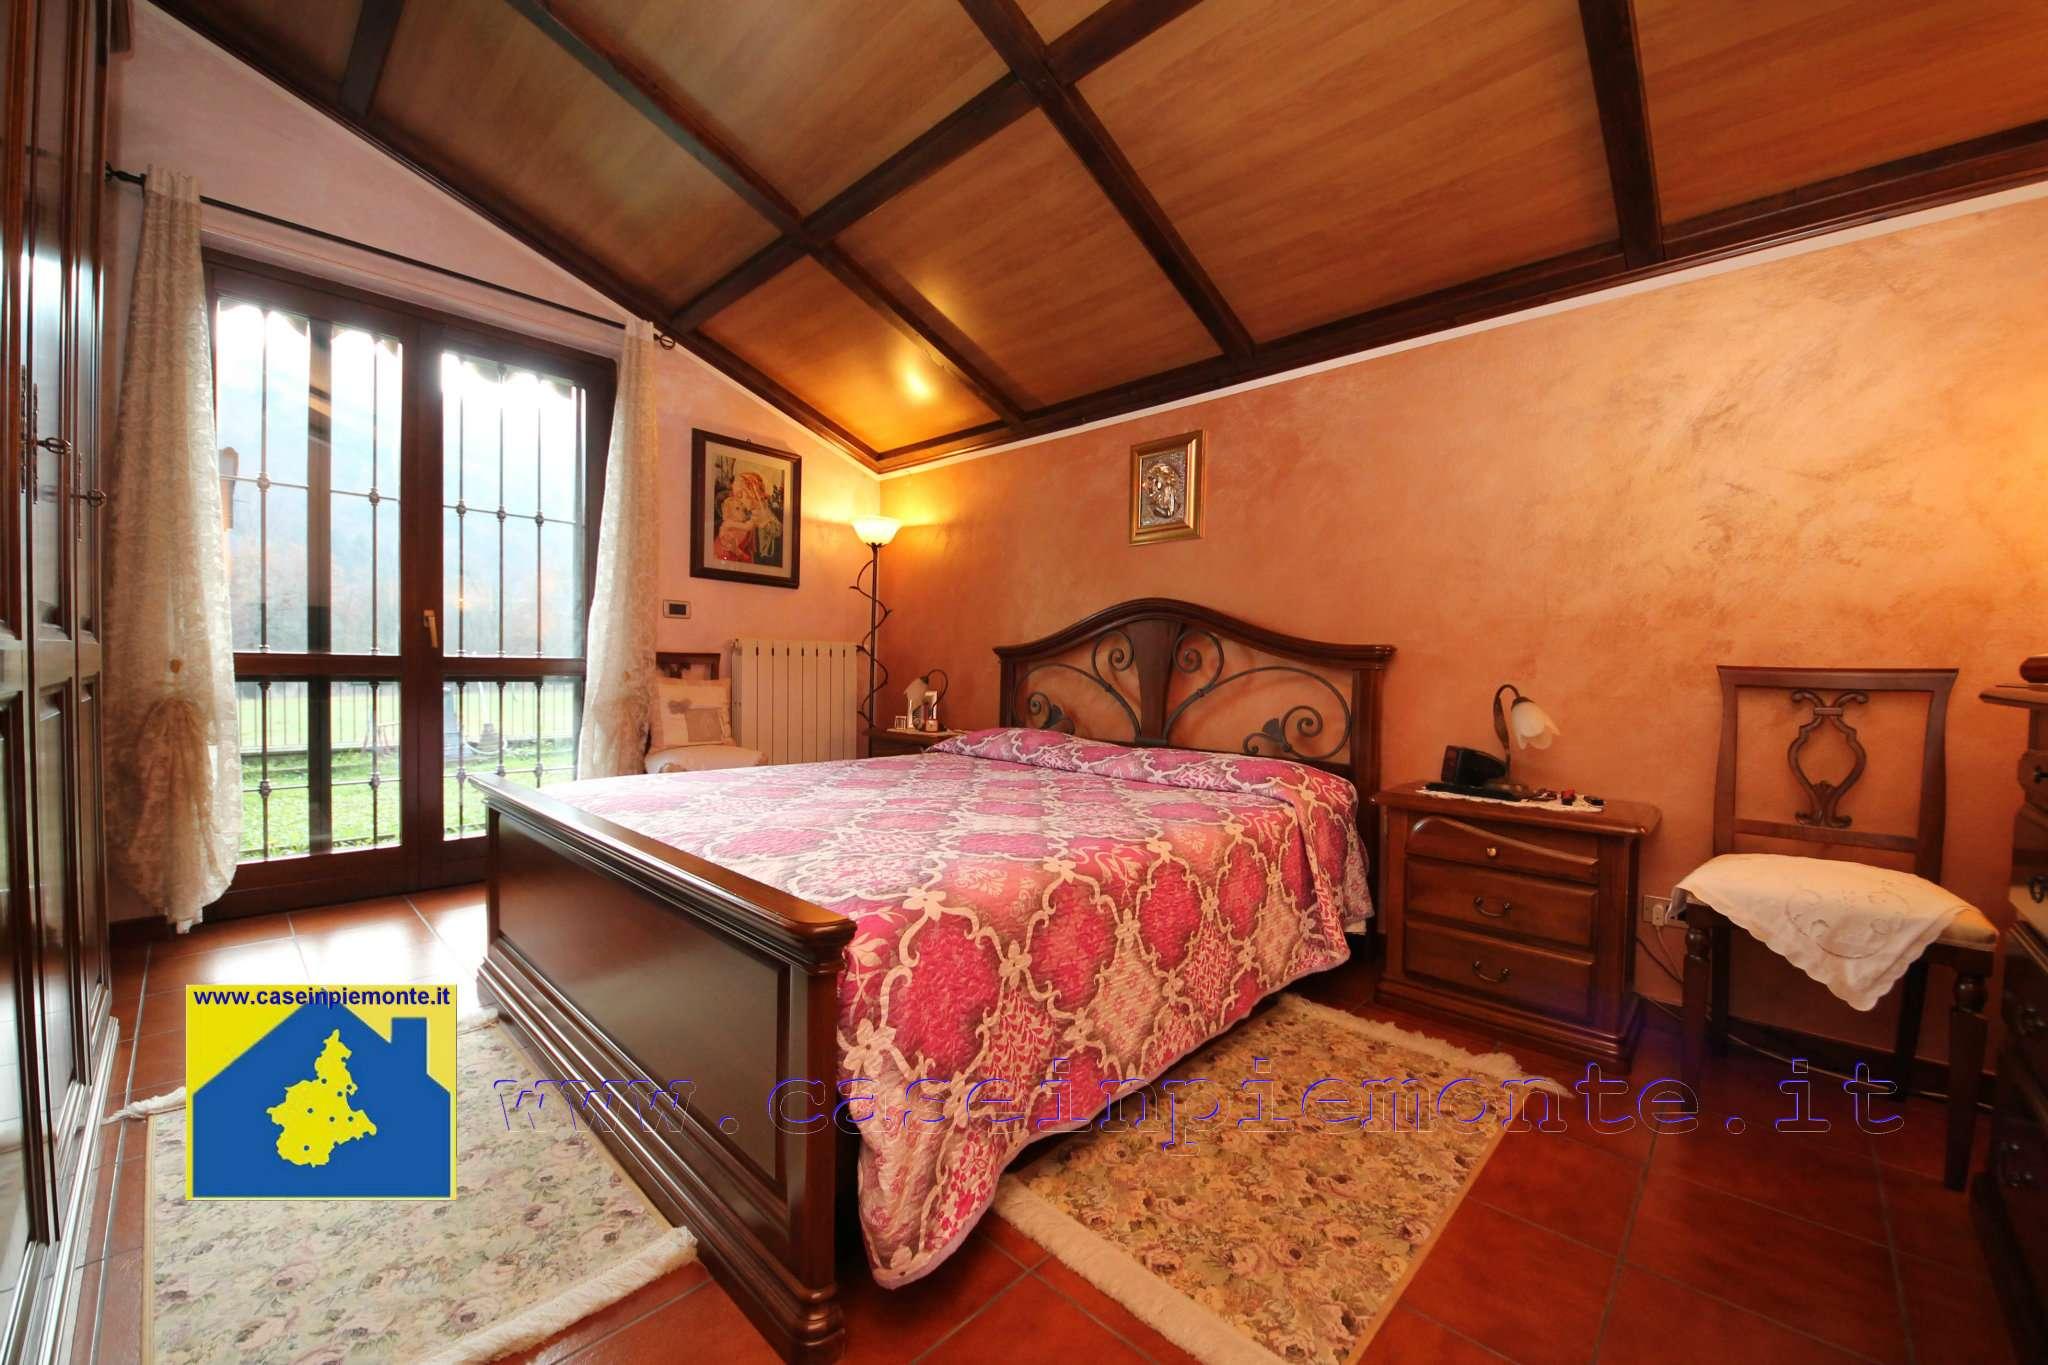 Villa in vendita a Val della Torre, 4 locali, prezzo € 299.000 | PortaleAgenzieImmobiliari.it